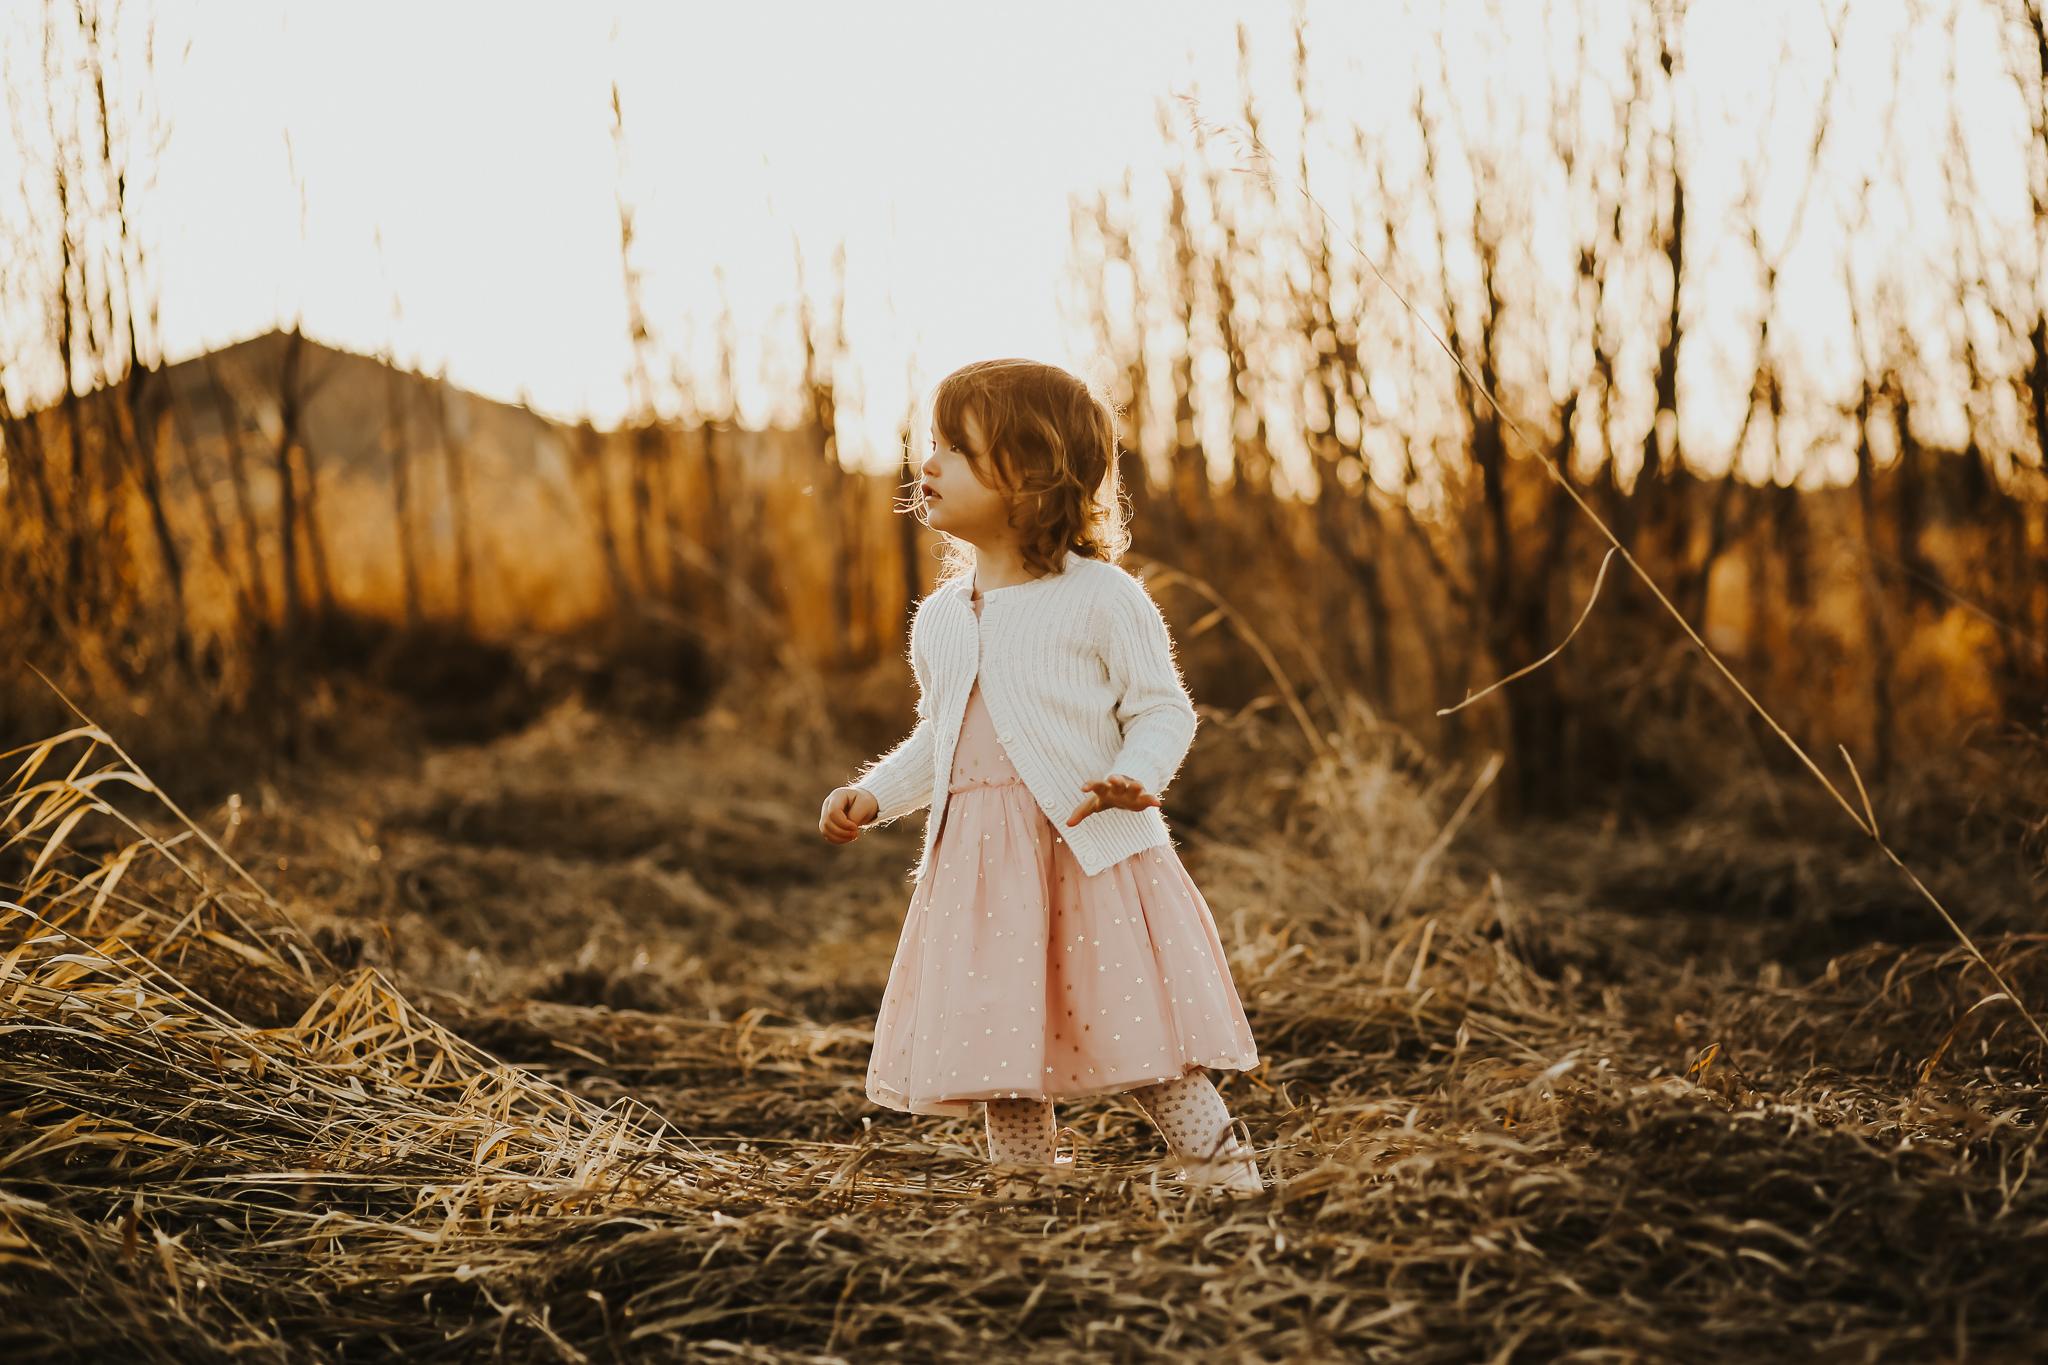 Alina-Joy-Photography-Cold-Lake-Lifestyle-Photographer-314.jpg